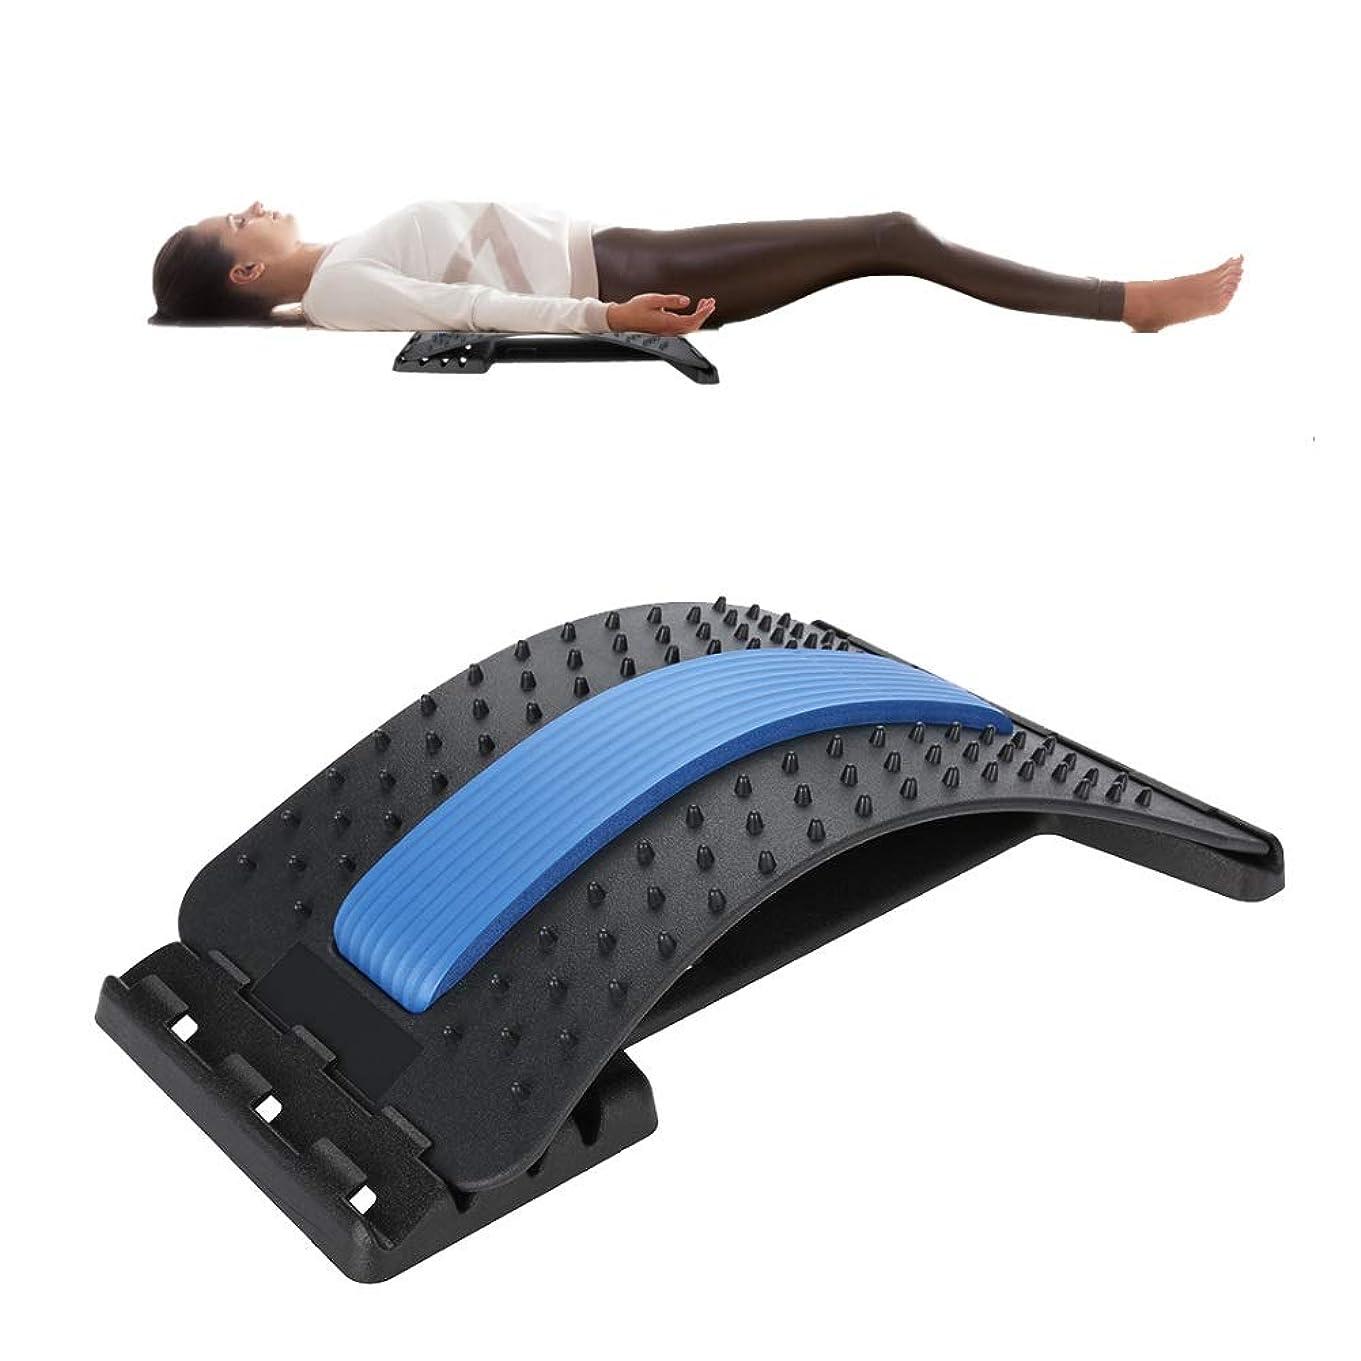 挨拶外科医単調な背中マッサージャー 腰部サポート、腰部の背もたれ ストレッチャー装置 ストレッチリラックス脊柱 減圧枕 痛み緩和 姿勢矯正器